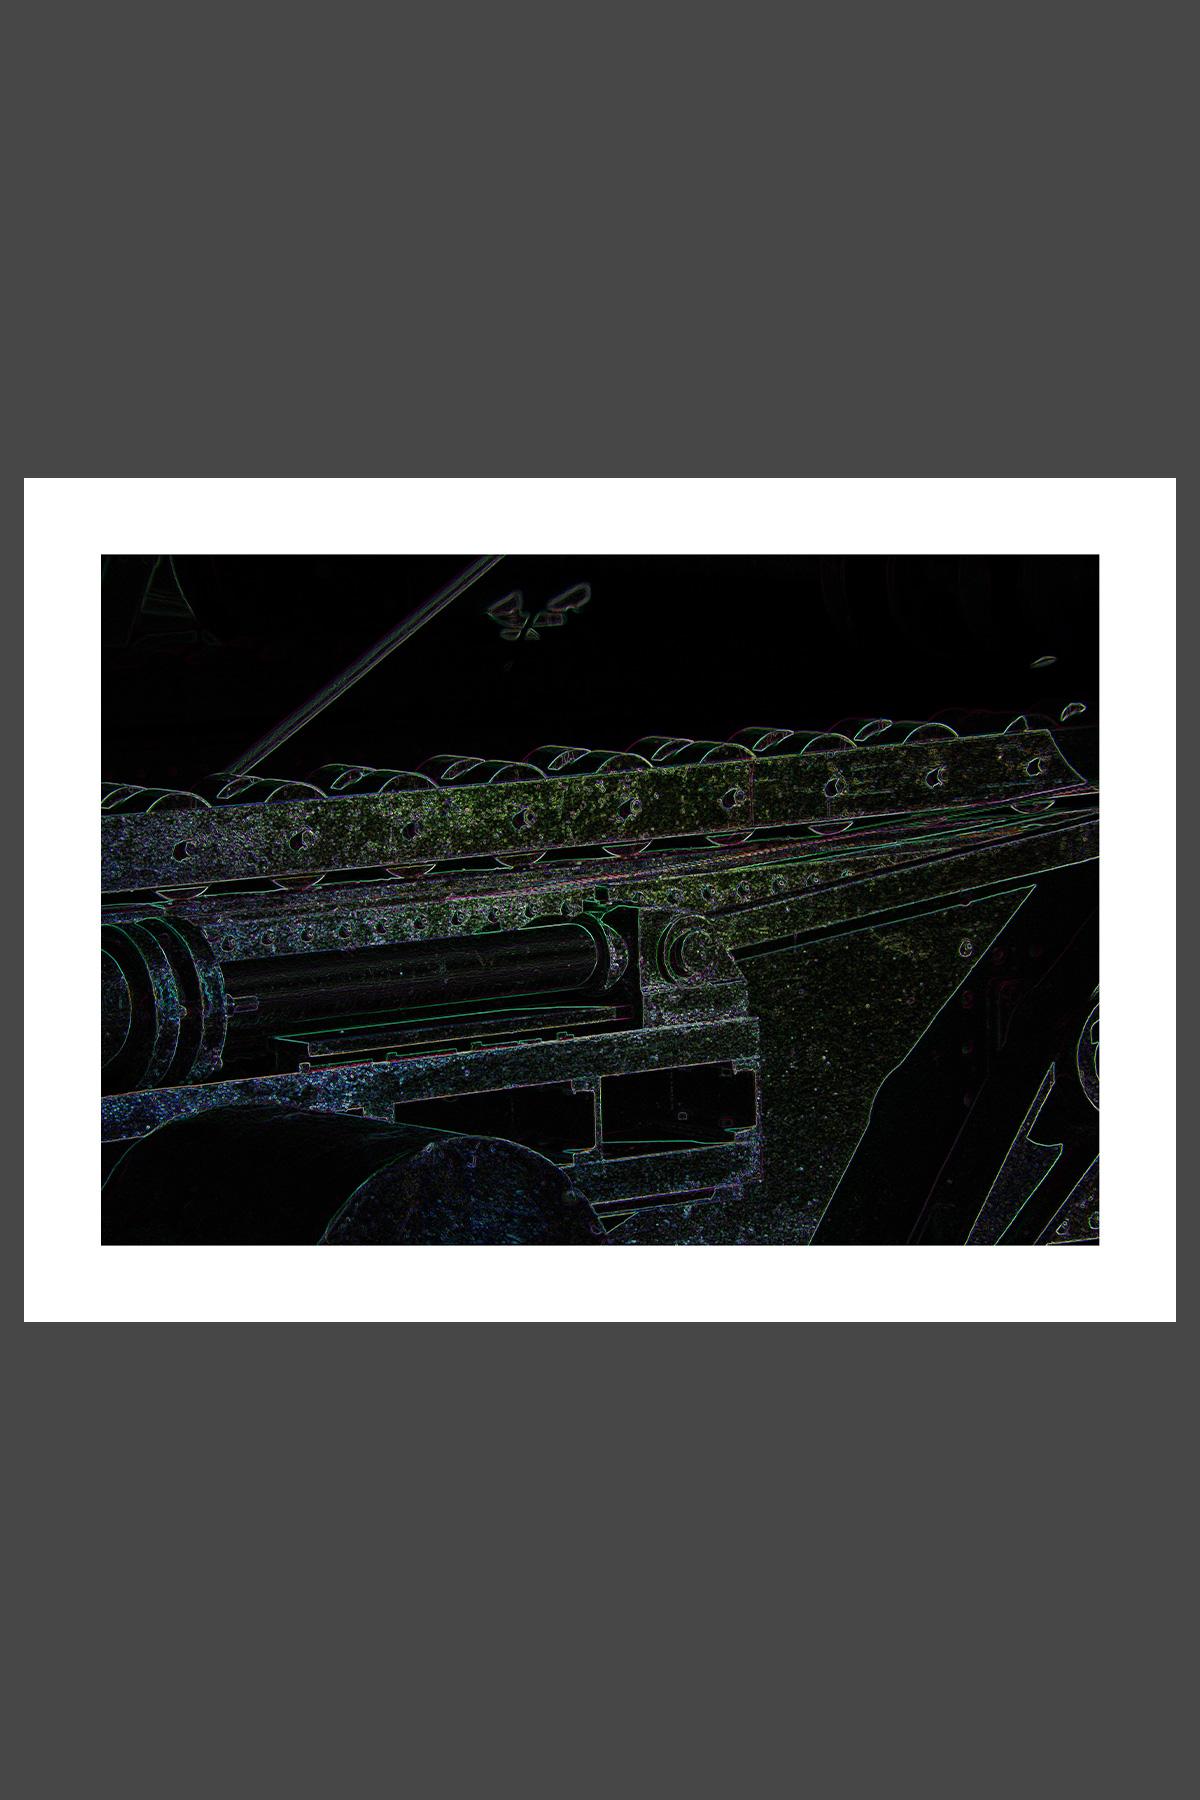 ABS-PT_0260